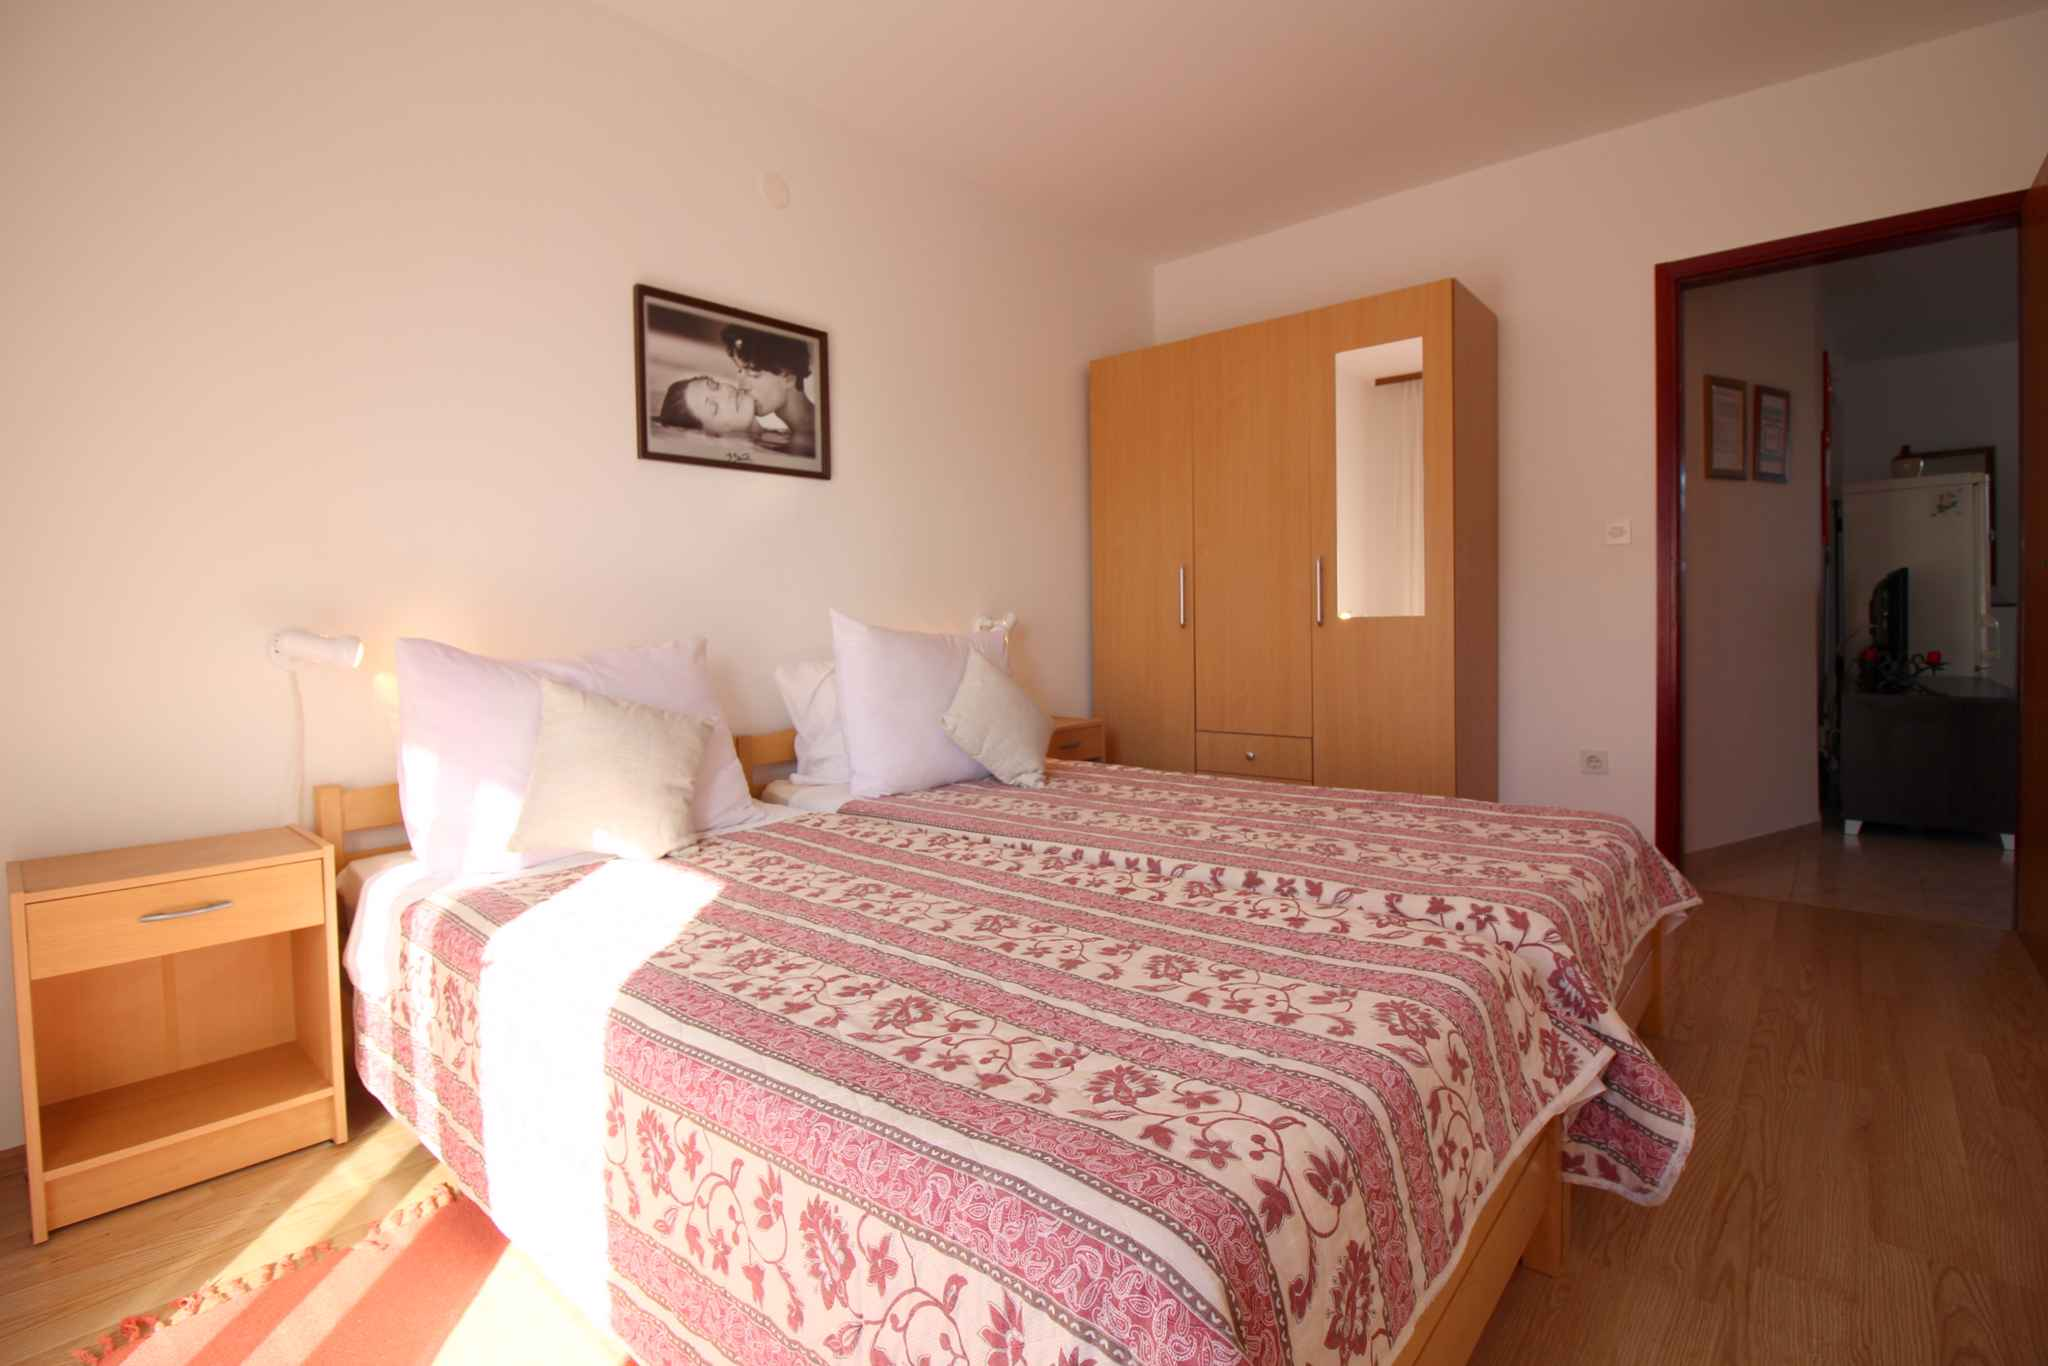 Ferienwohnung in der Nähe der Altstadt (280262), Porec, , Istrien, Kroatien, Bild 14